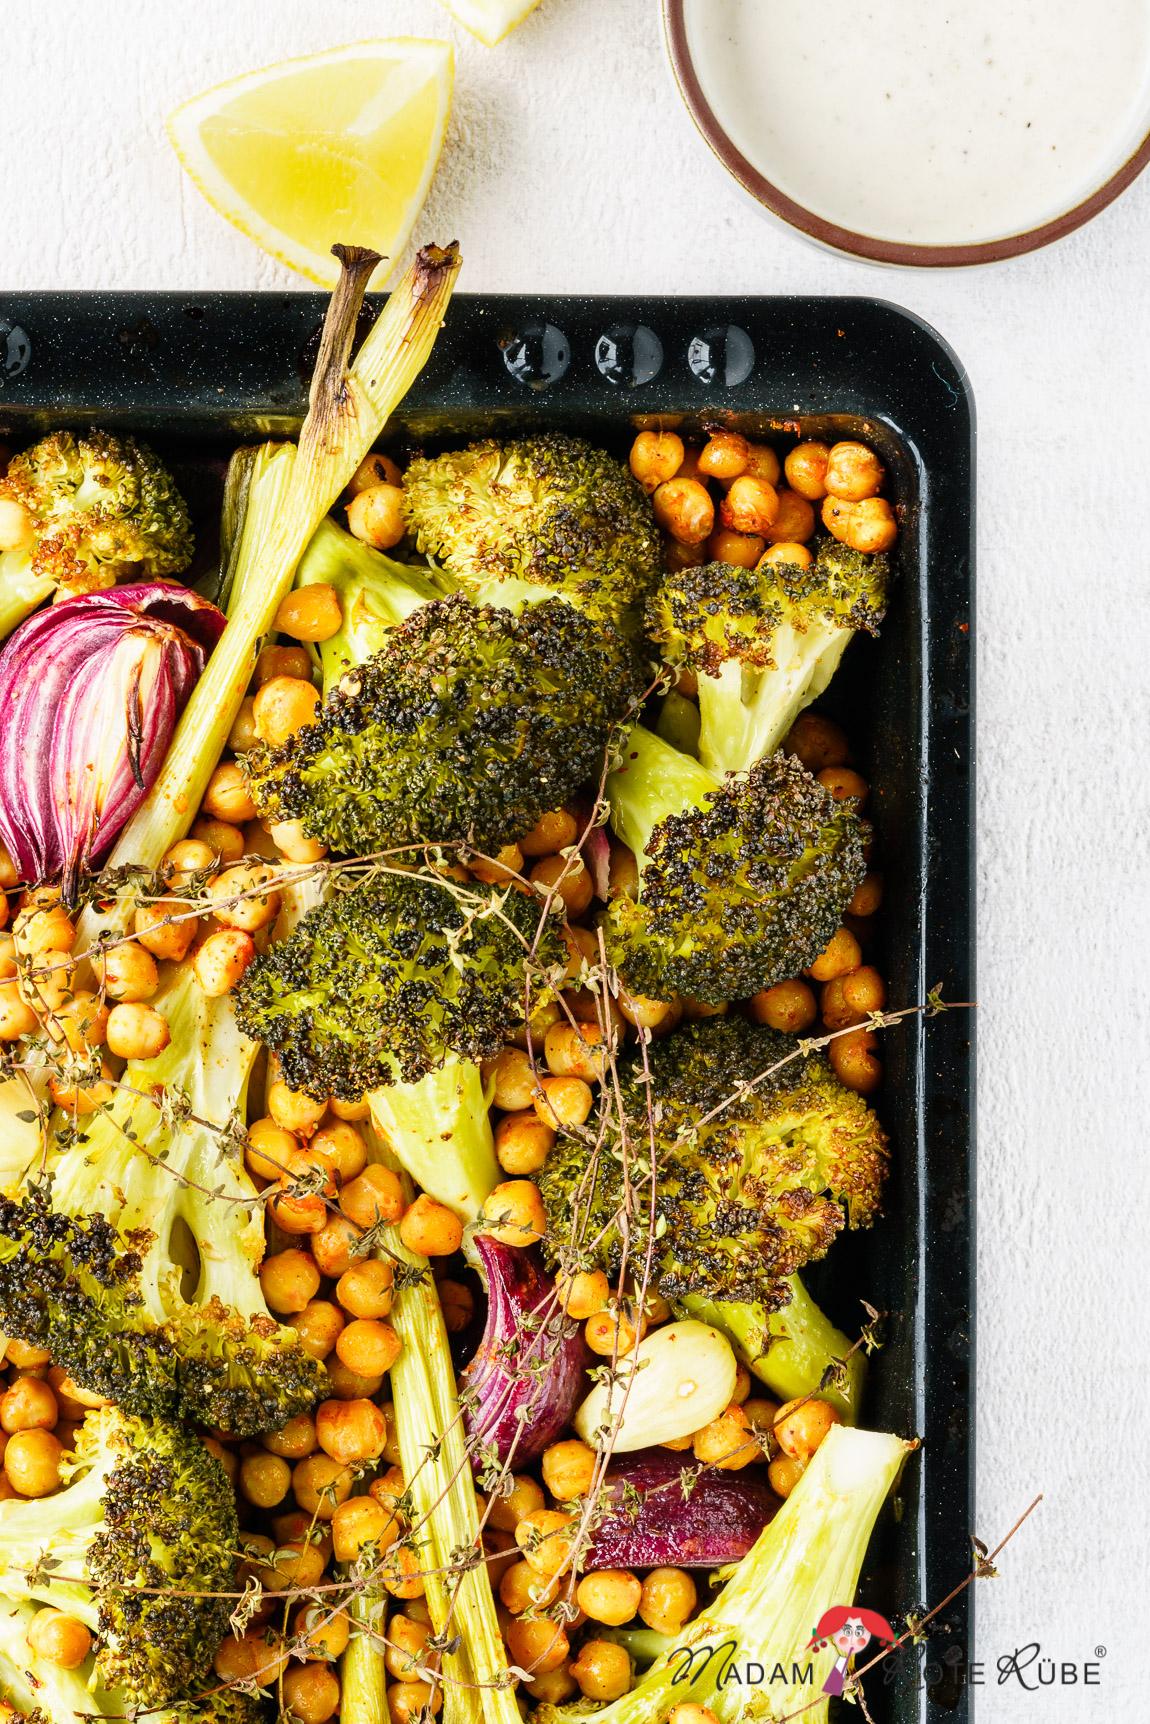 Madam Rote Rübe - Ofengemüse vom Blech: Brokkoli mit Kichererbsen und Zitronendip